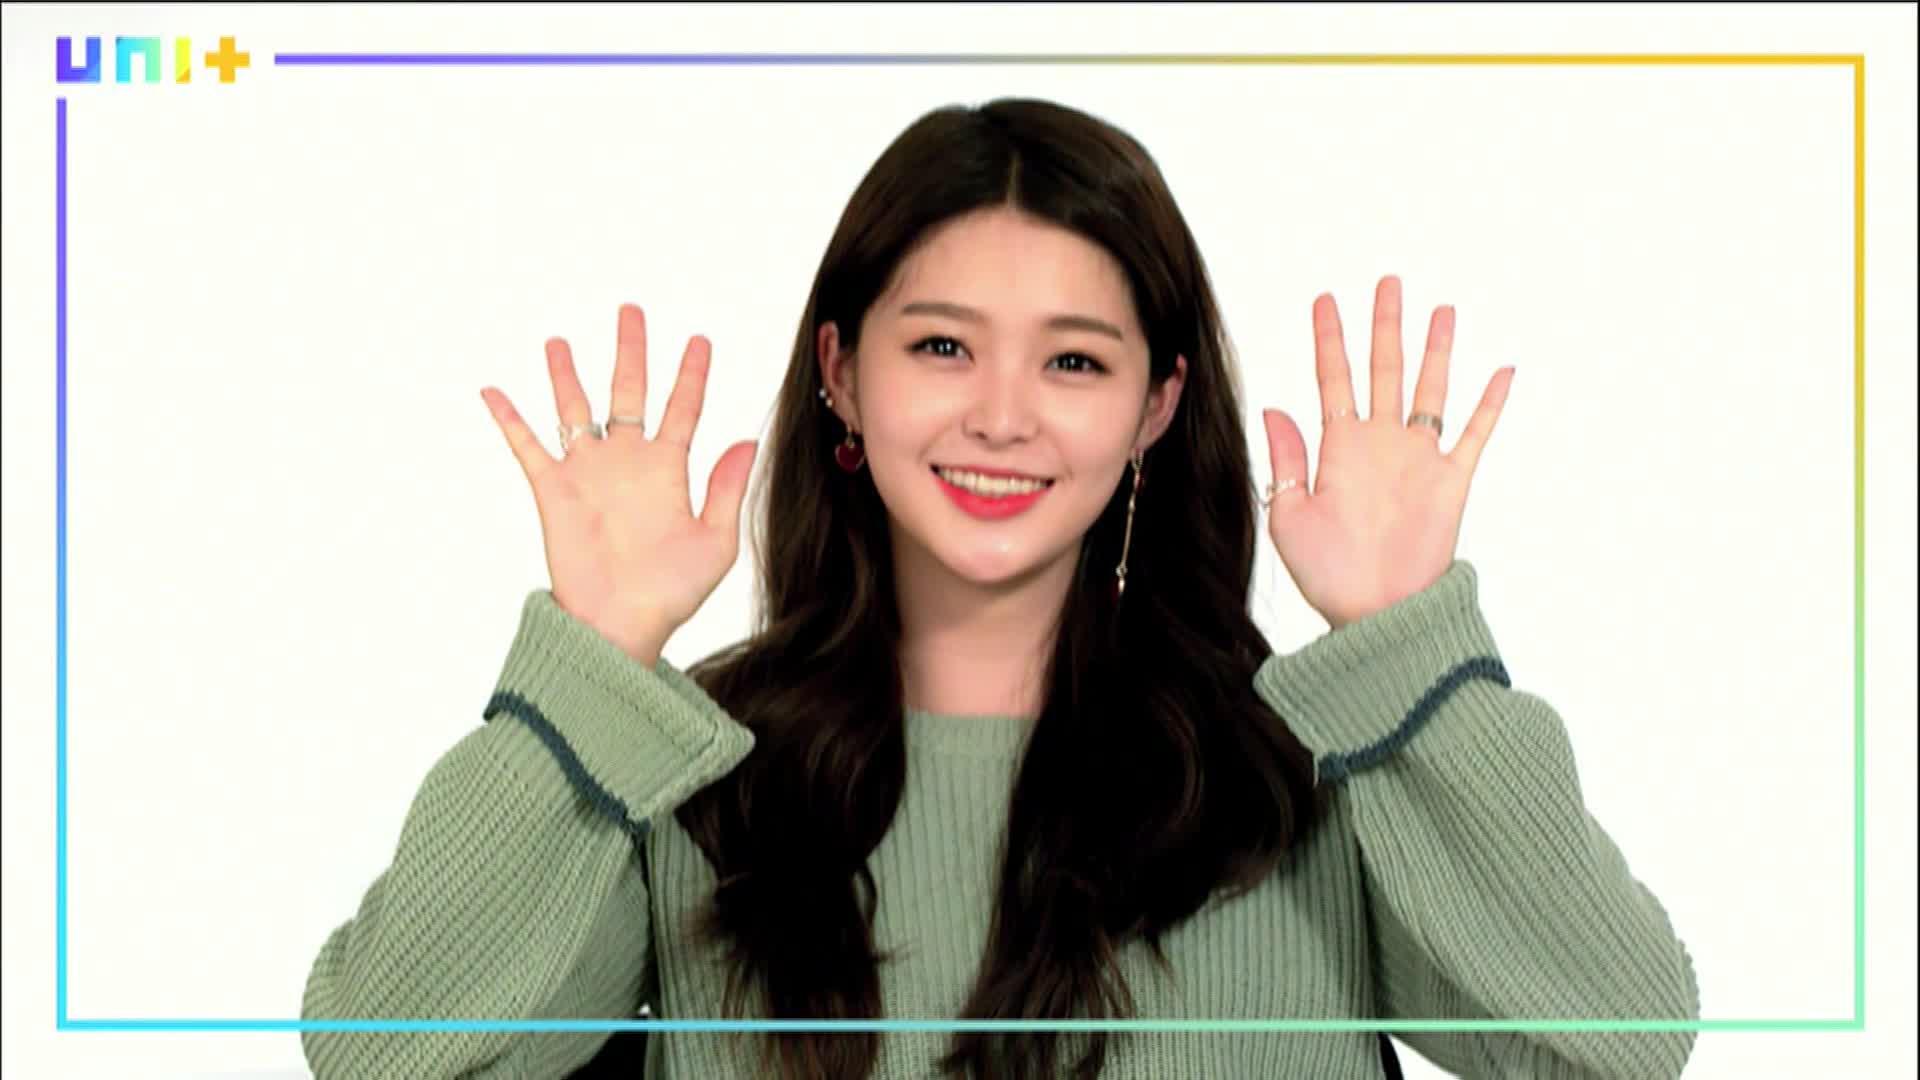 [더 유닛] 슈퍼슬로우 개인별 티저 02 (The Unit - Superslow individual teaser 02)